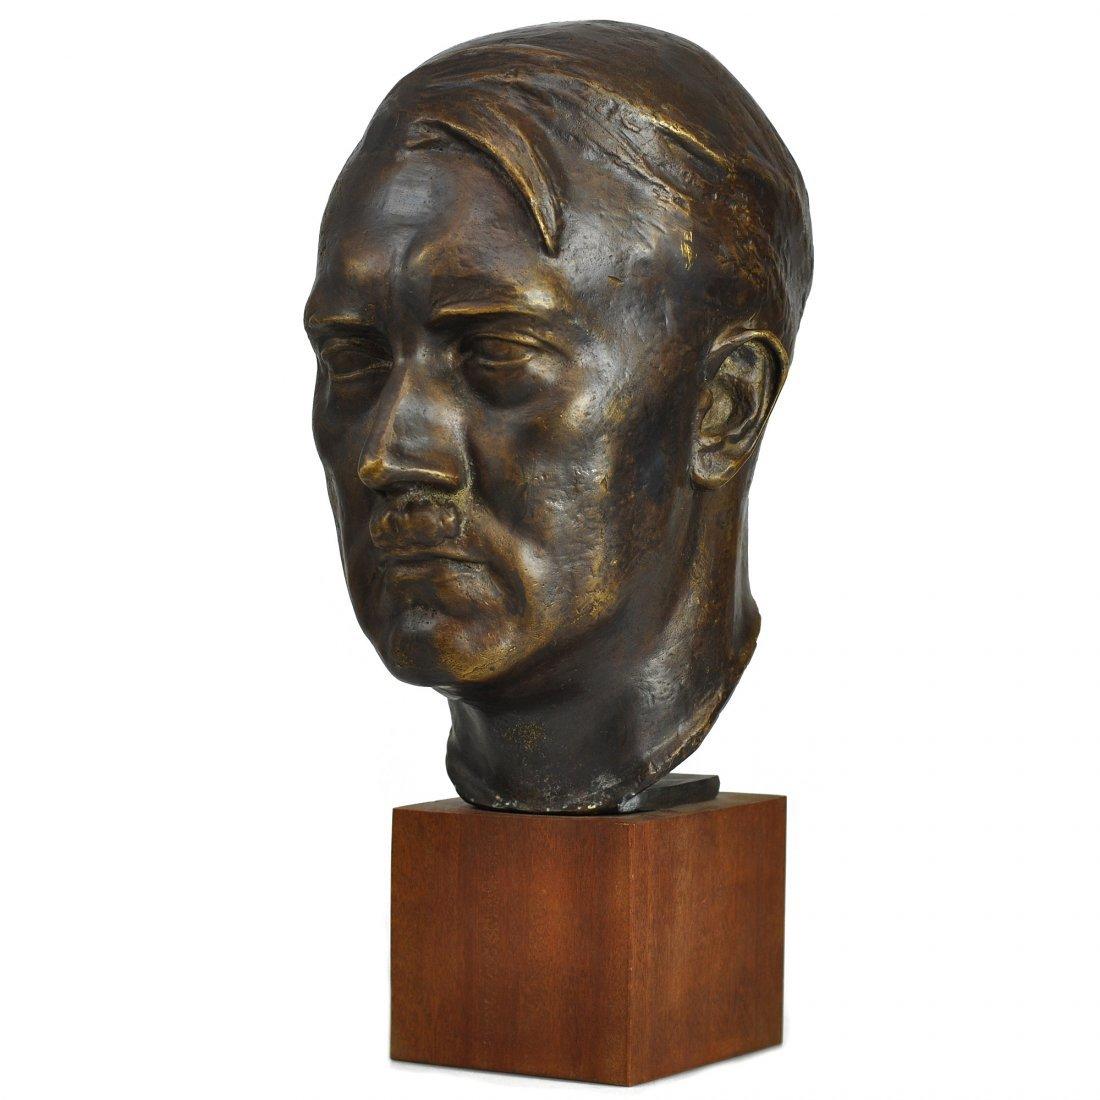 33: SKULPTUR, brons, FERDINAND LIEBERMANN (1883-1941)